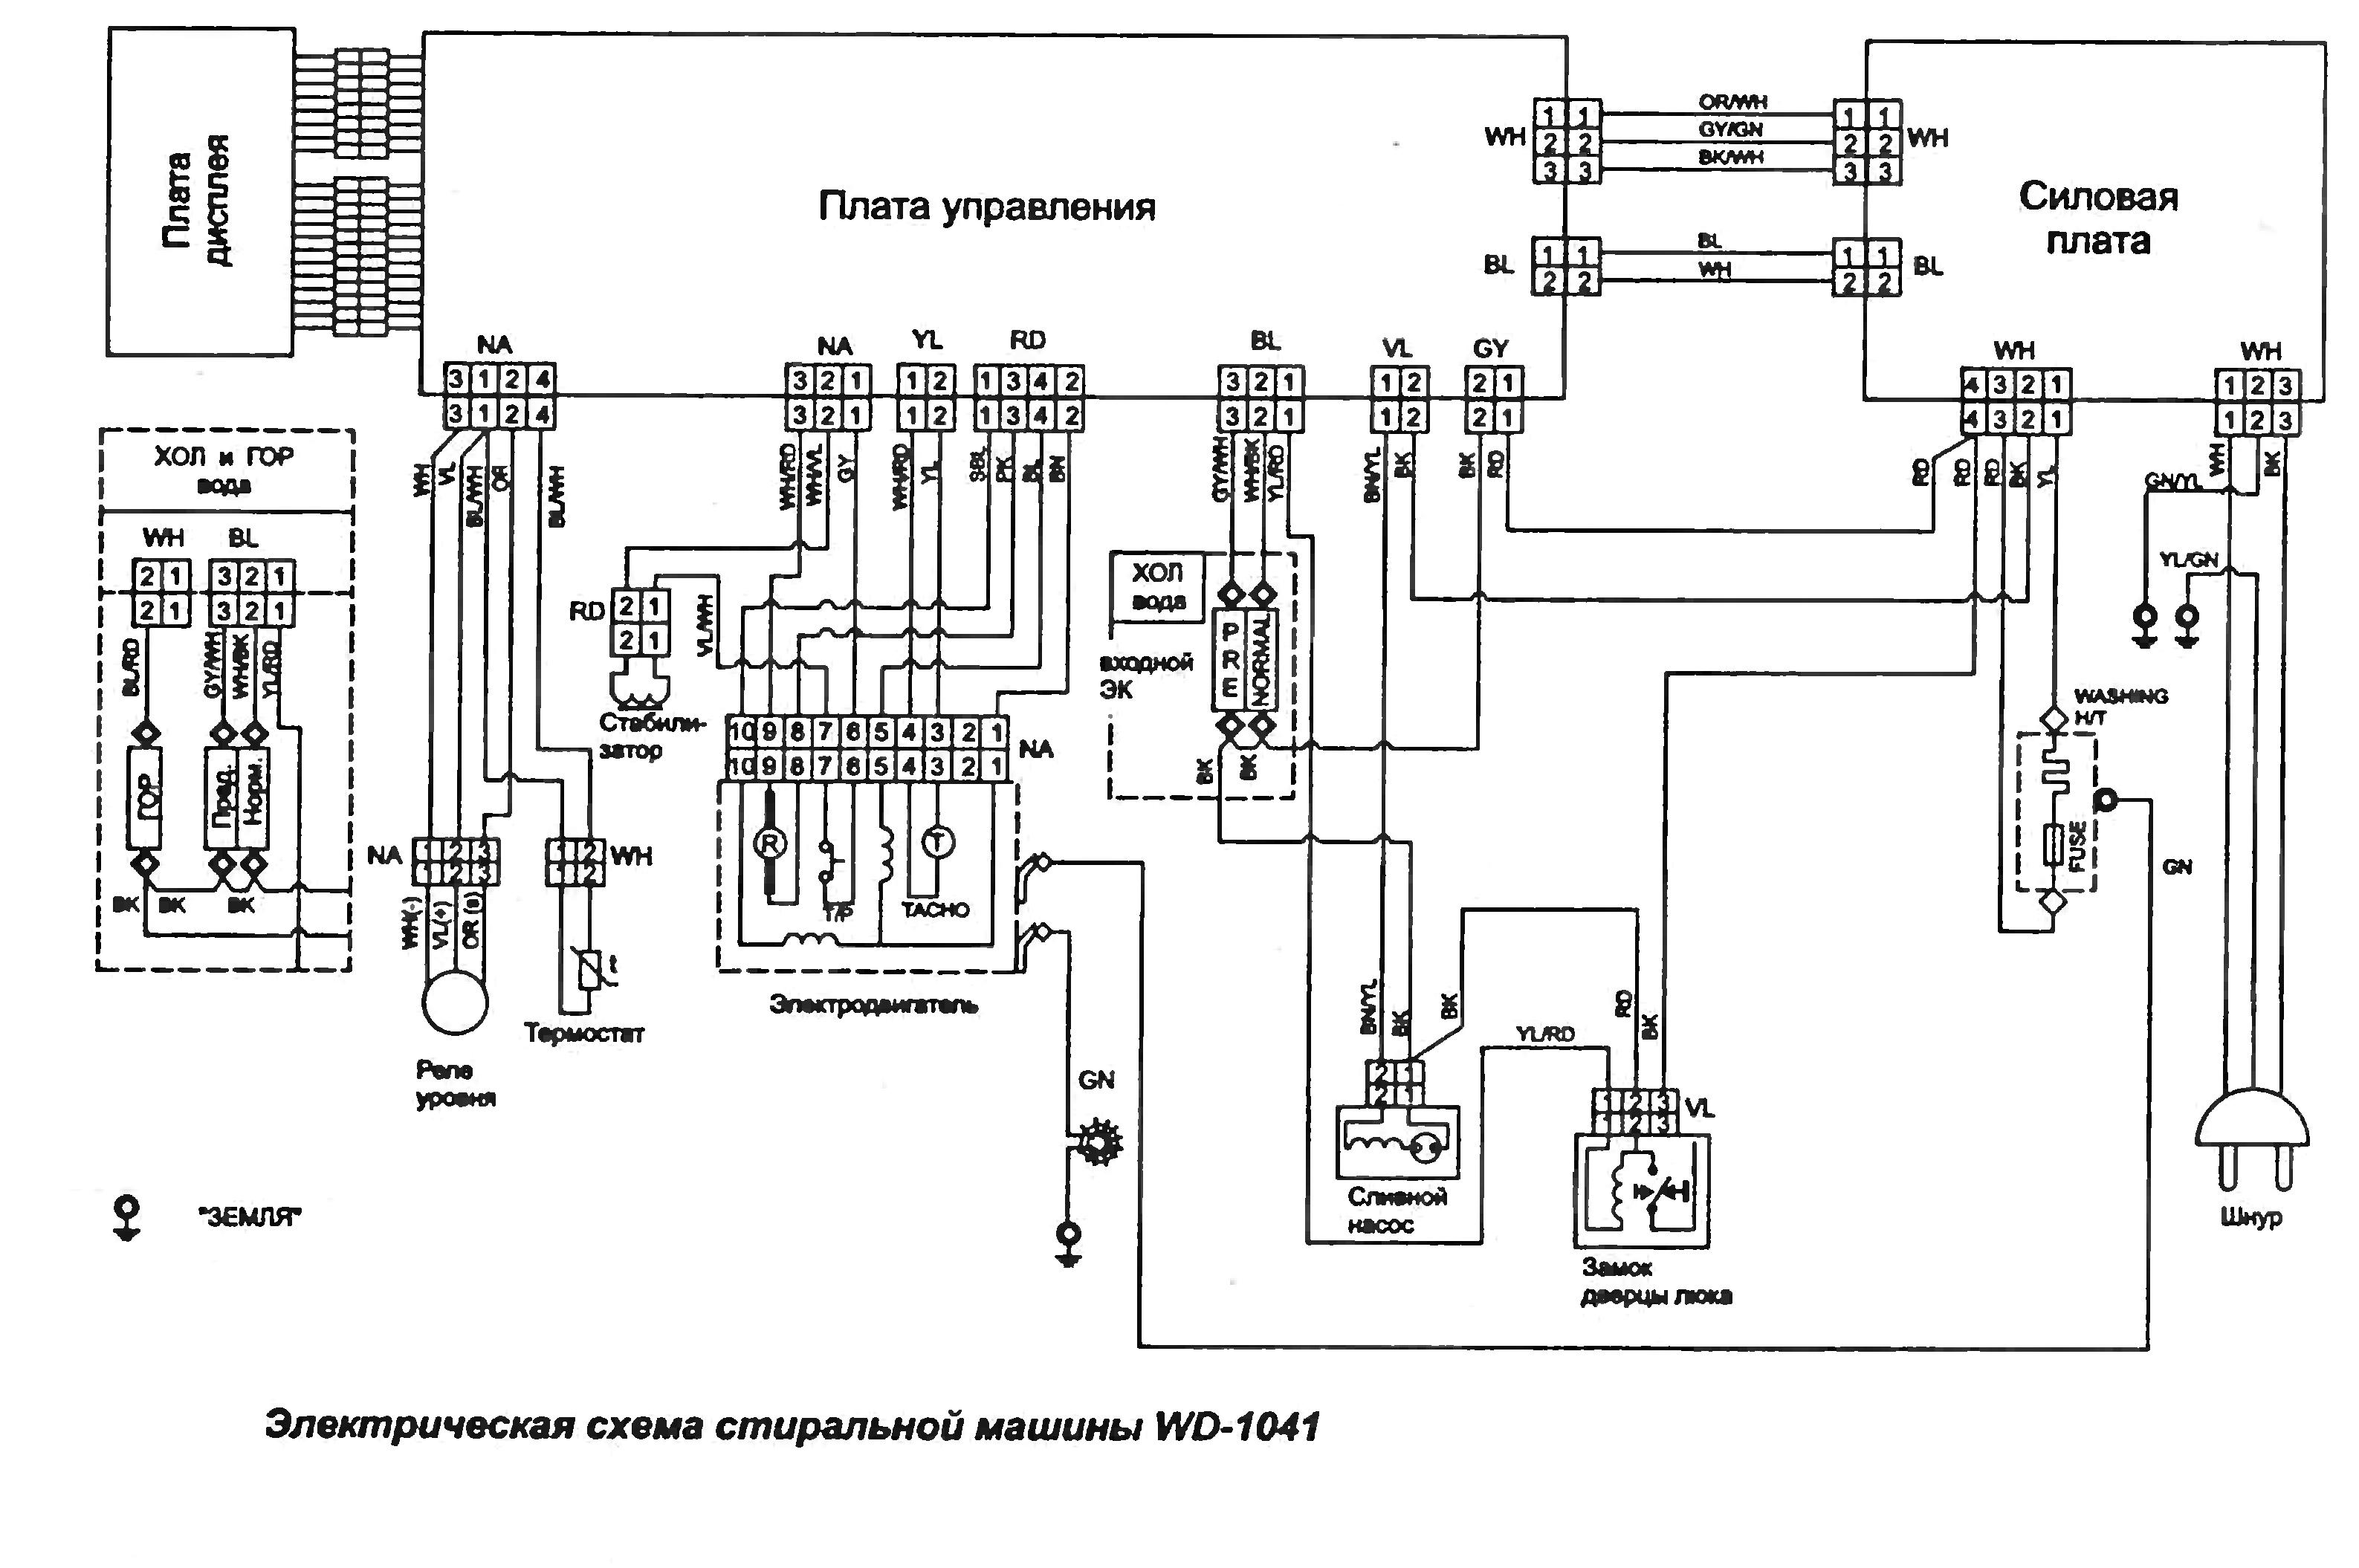 Astonishing Mes 320 Sedan Fuse Box Images - Best Image Diagram ...